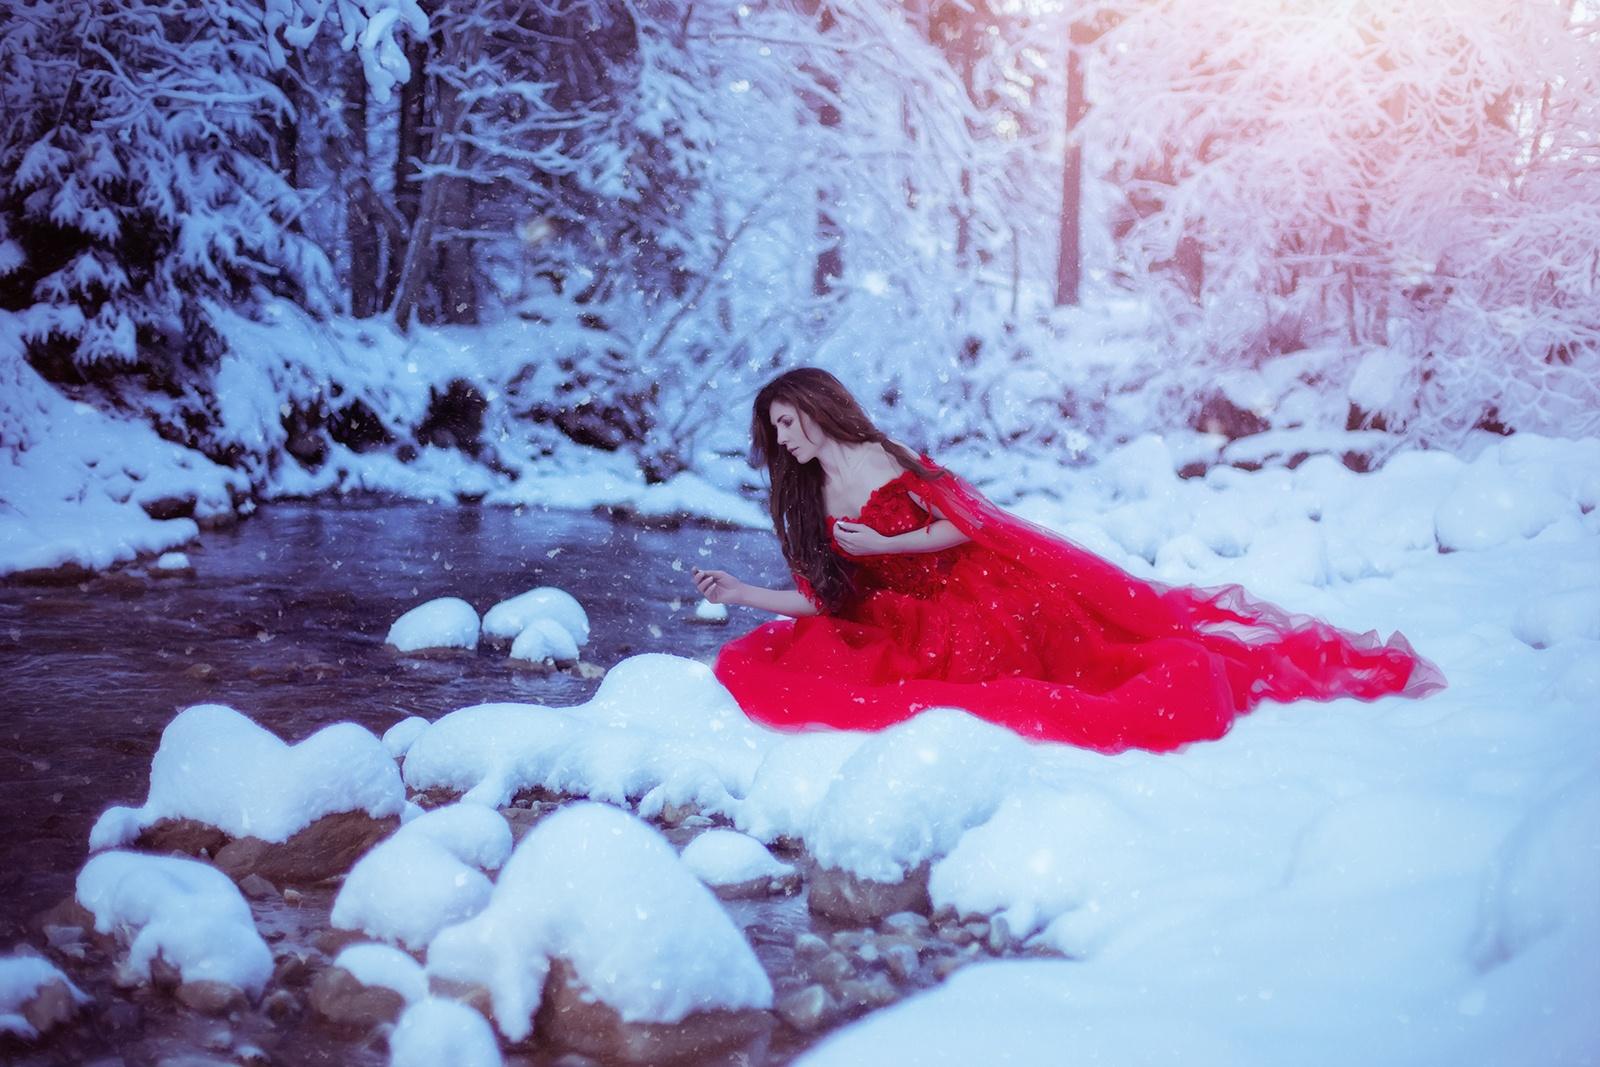 winter fantasy photography schweiz